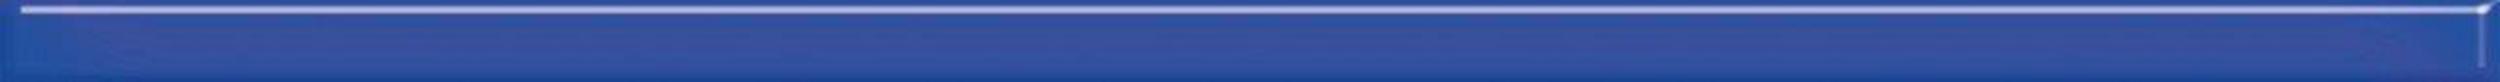 LISTWA SZKLANA ULTRA BLUE 2,3X60 GAT.1